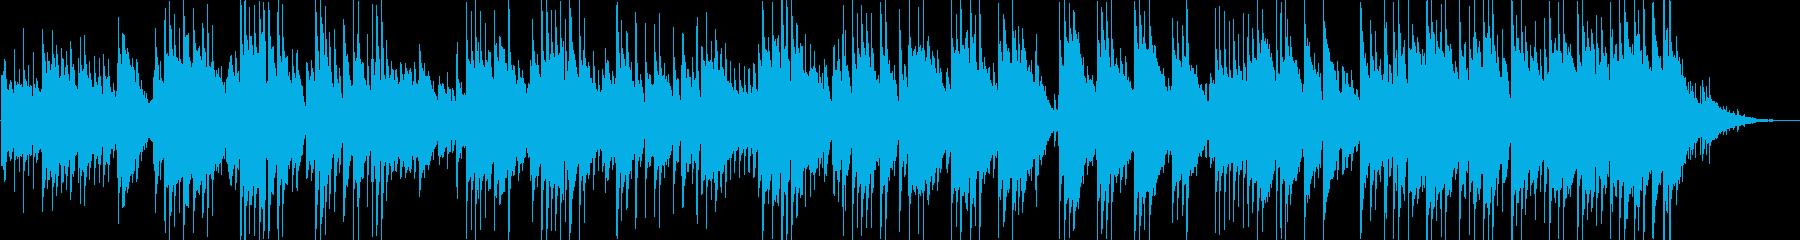 優しいギターサウンドの再生済みの波形